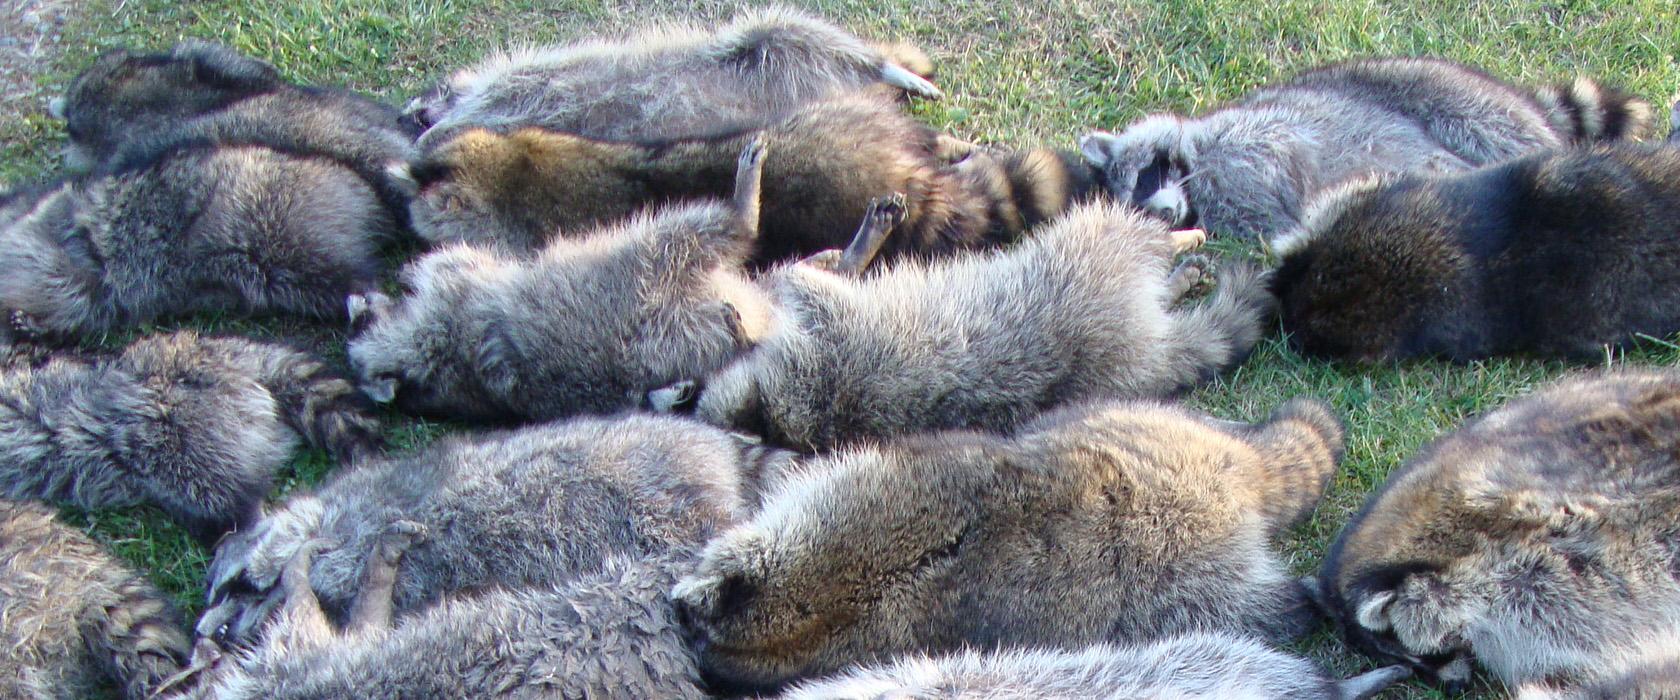 Dead Raccoons